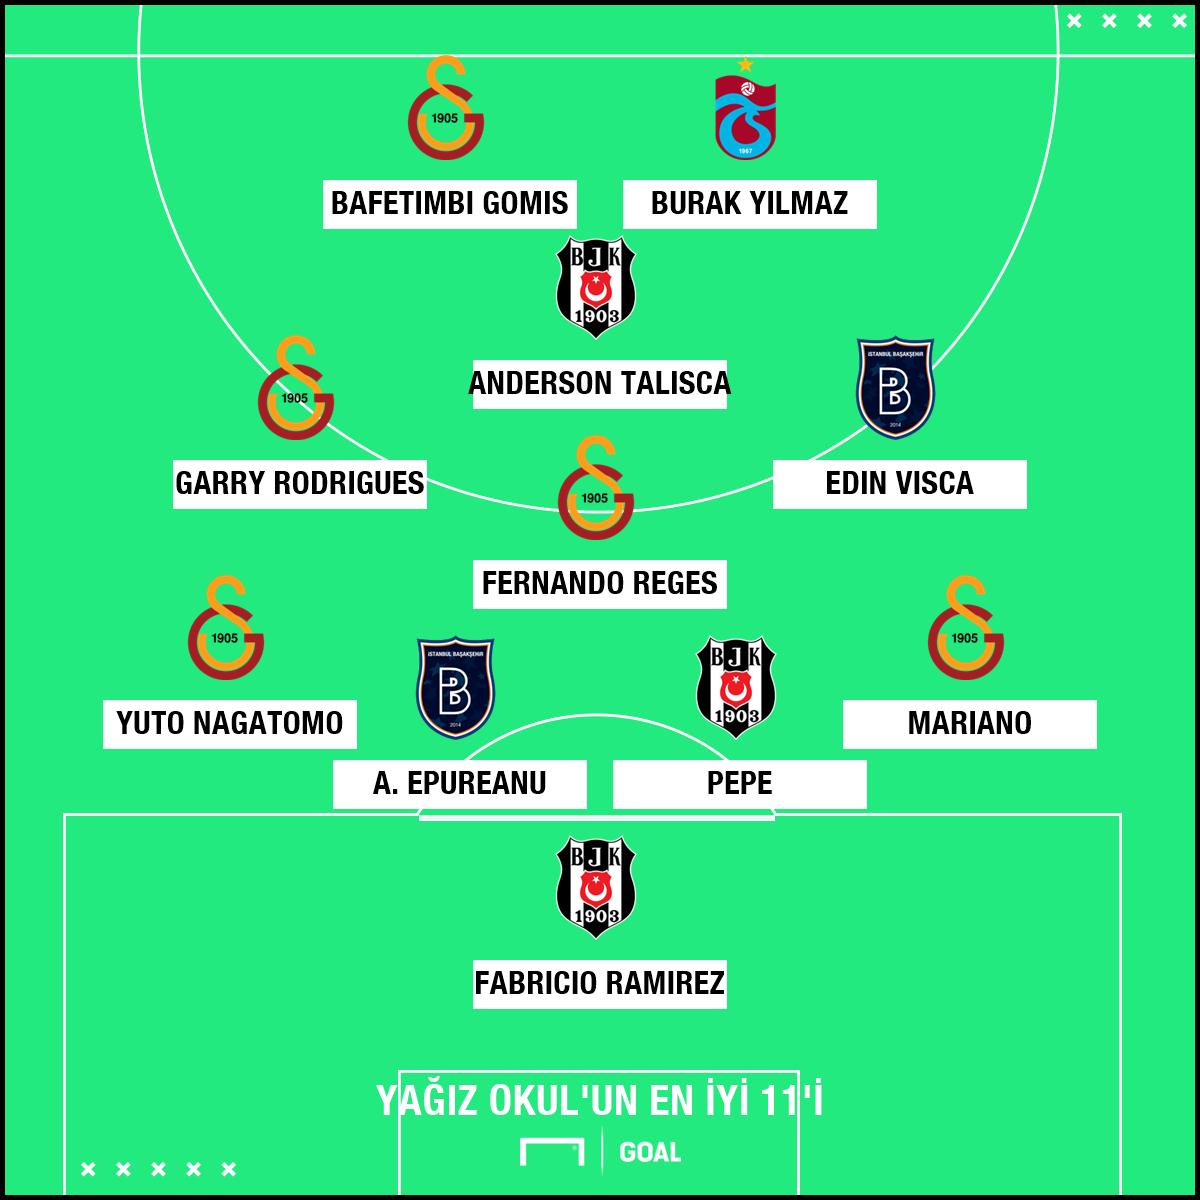 Yagiz Okul Best XI